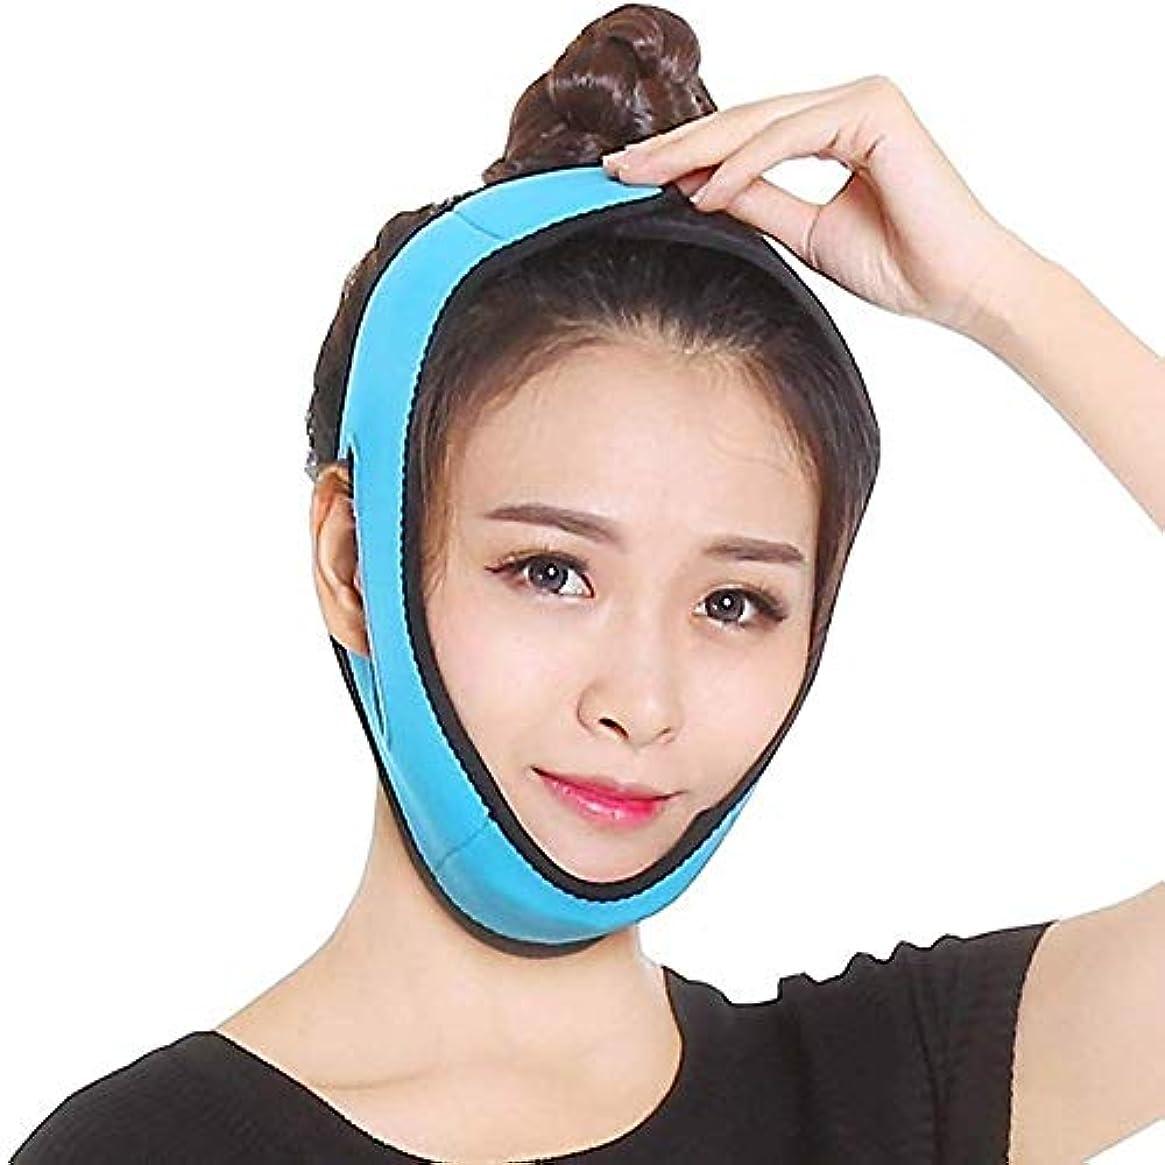 指紋ソーダ水実験WSJTT スリミングベルトリフティングフェイスは、顔の頬のV形状は、通気性の圧縮二重あごが包帯を減らしてスムーズな薄いマスクストラップフェイスラインをリフトアップ